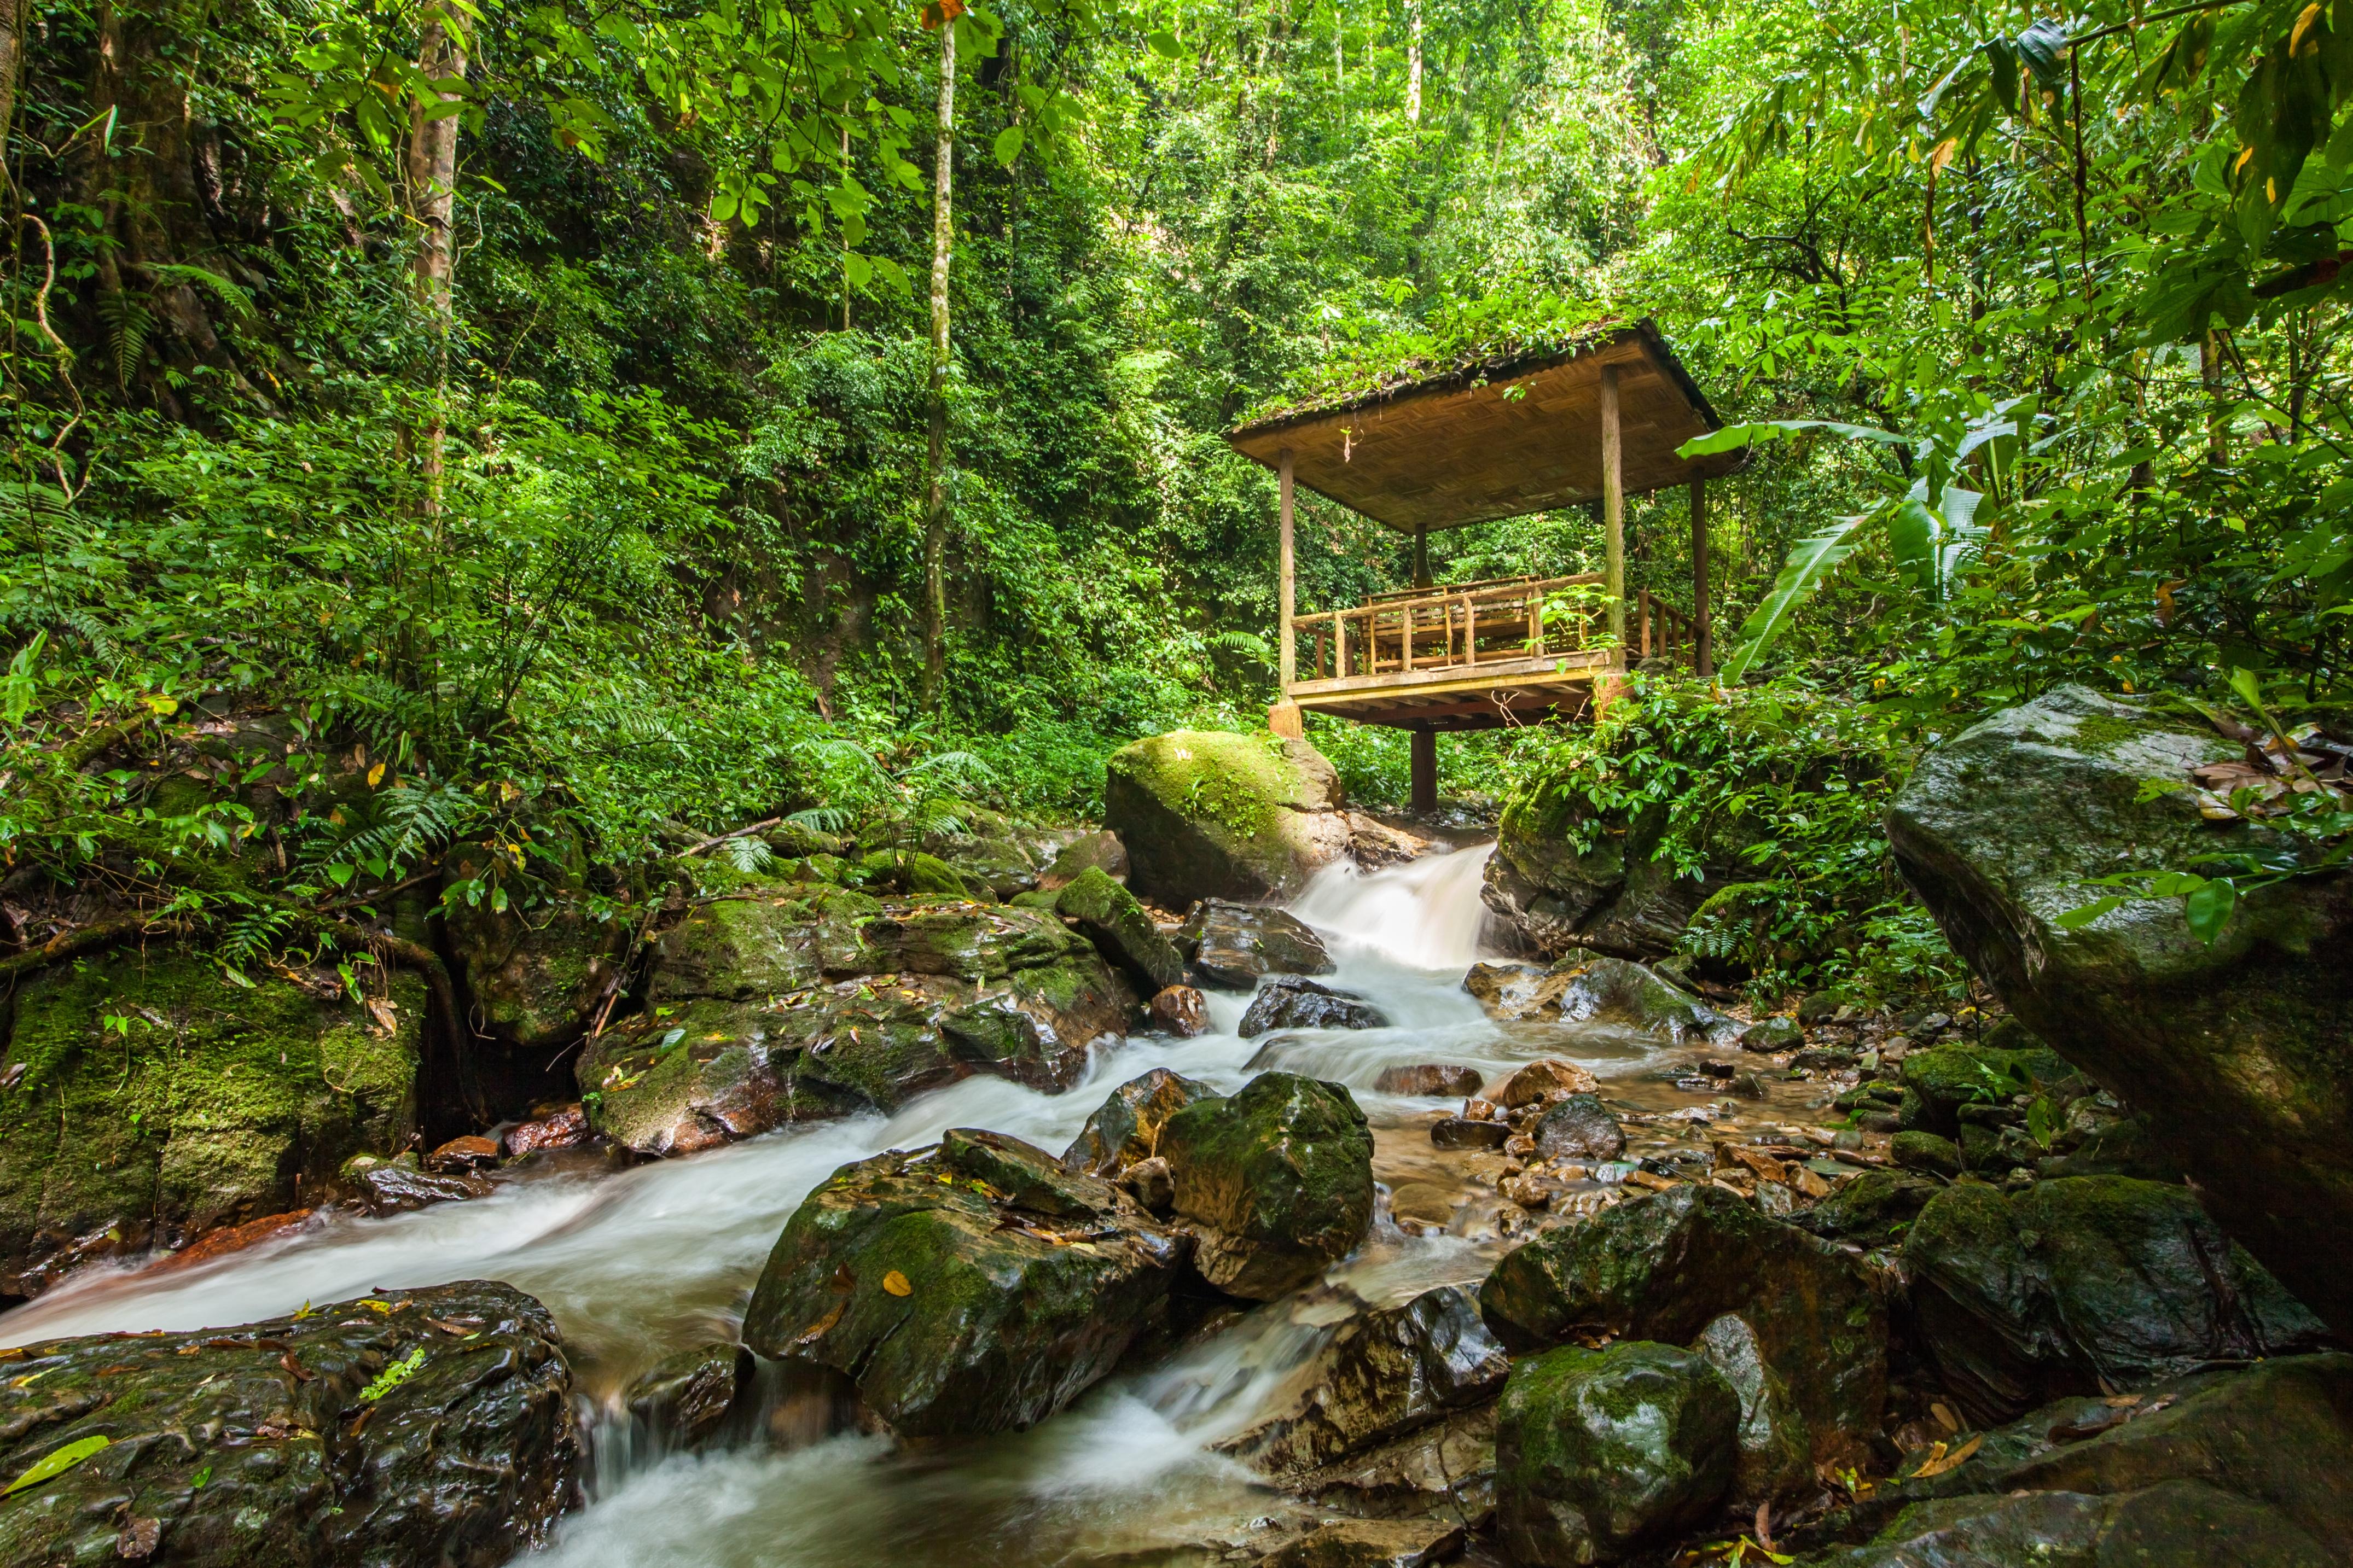 Moli Tropical Rainforest Scenic Area